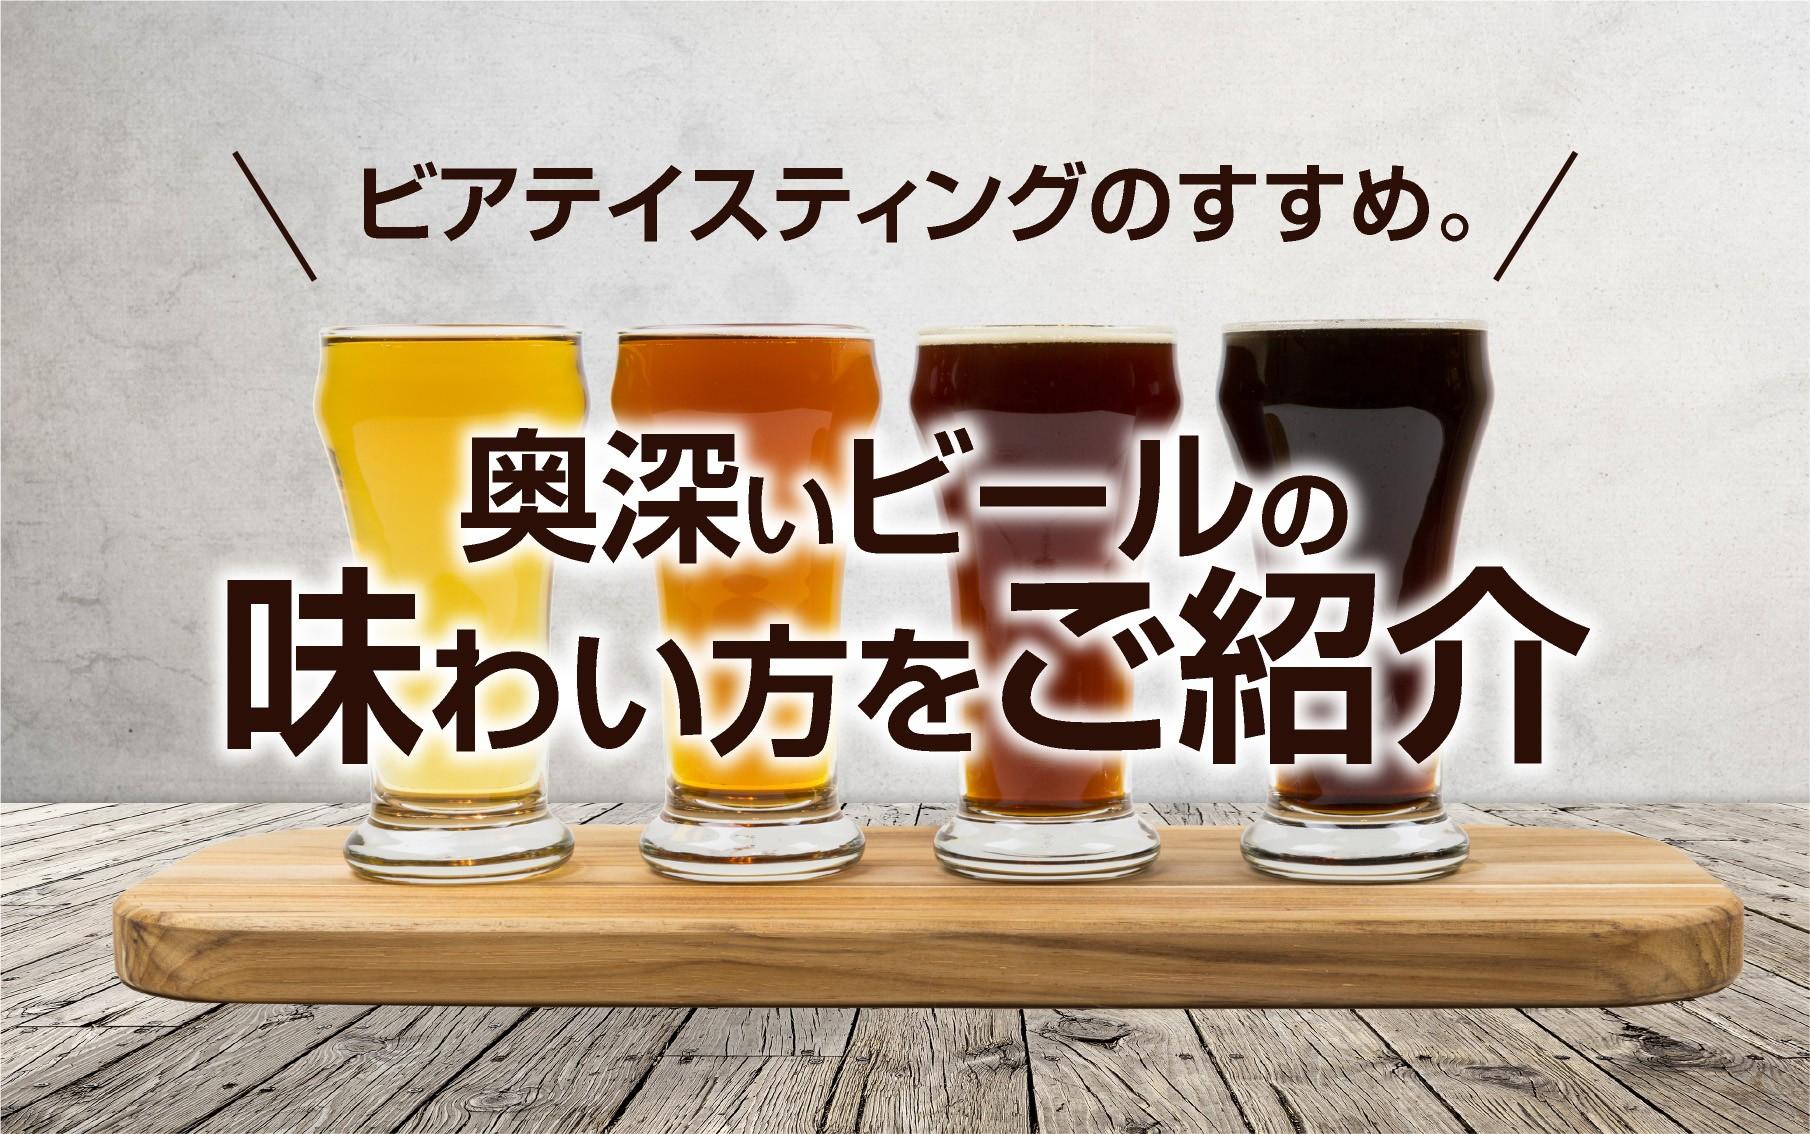 ビアテイスティングのすすめ。奥深いビールの味わい方をご紹介の話